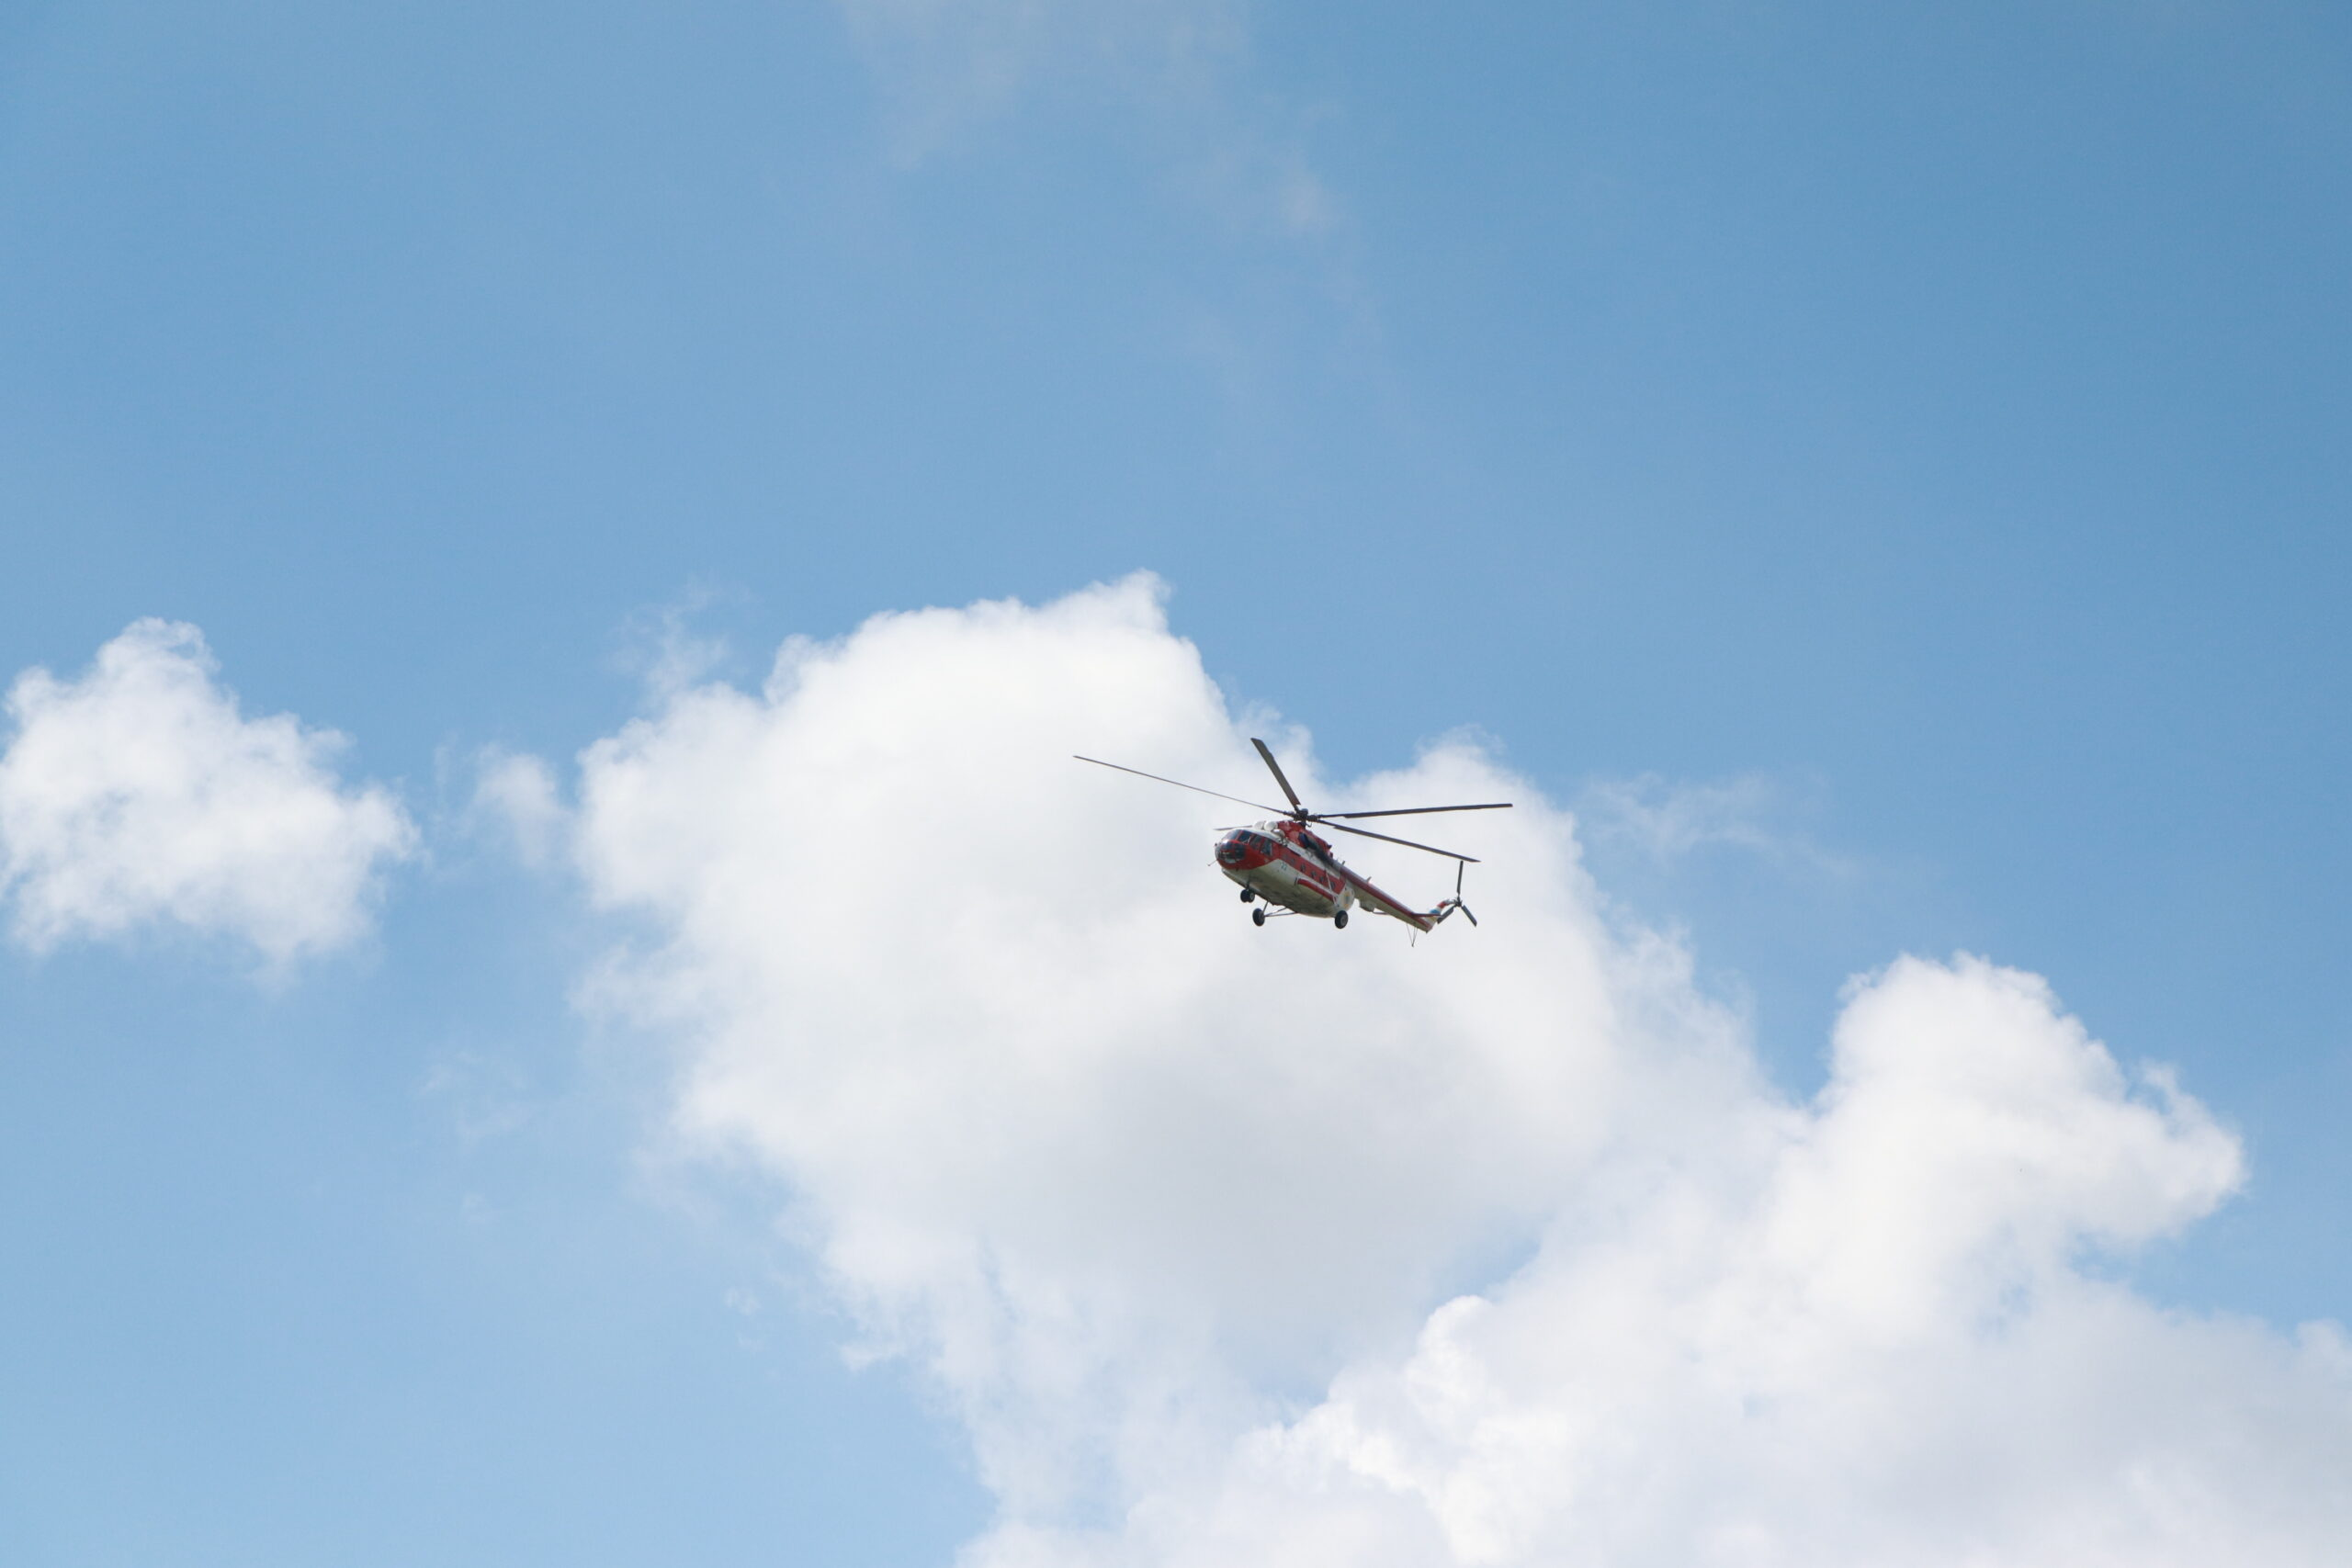 Масштабные учения в Запорожской области: вблизи запорожского аэропорта разбился вертолет (ФОТО)